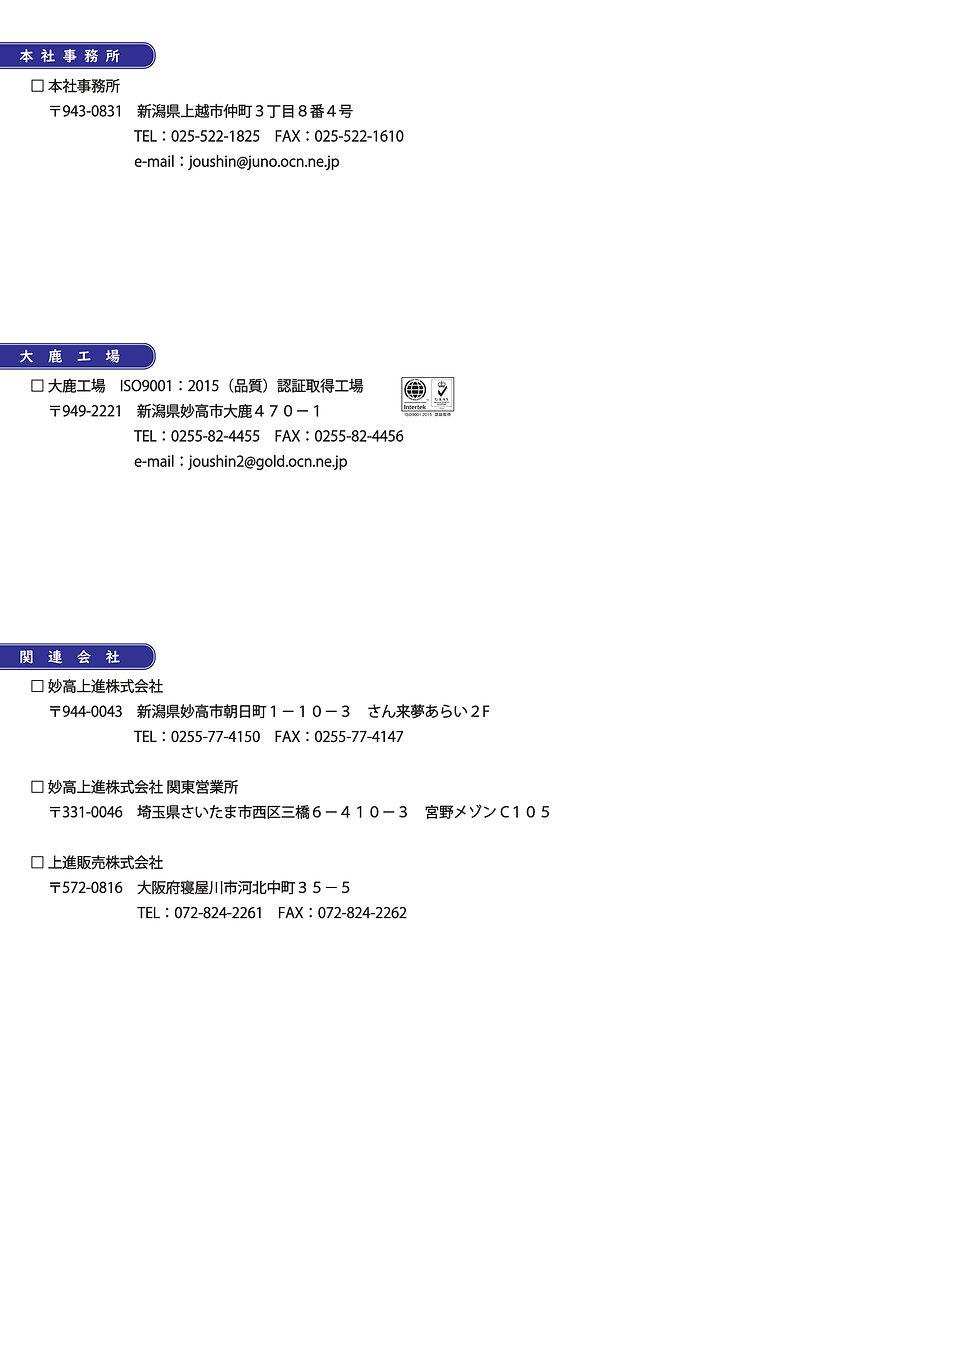 本社・営業所.jpg